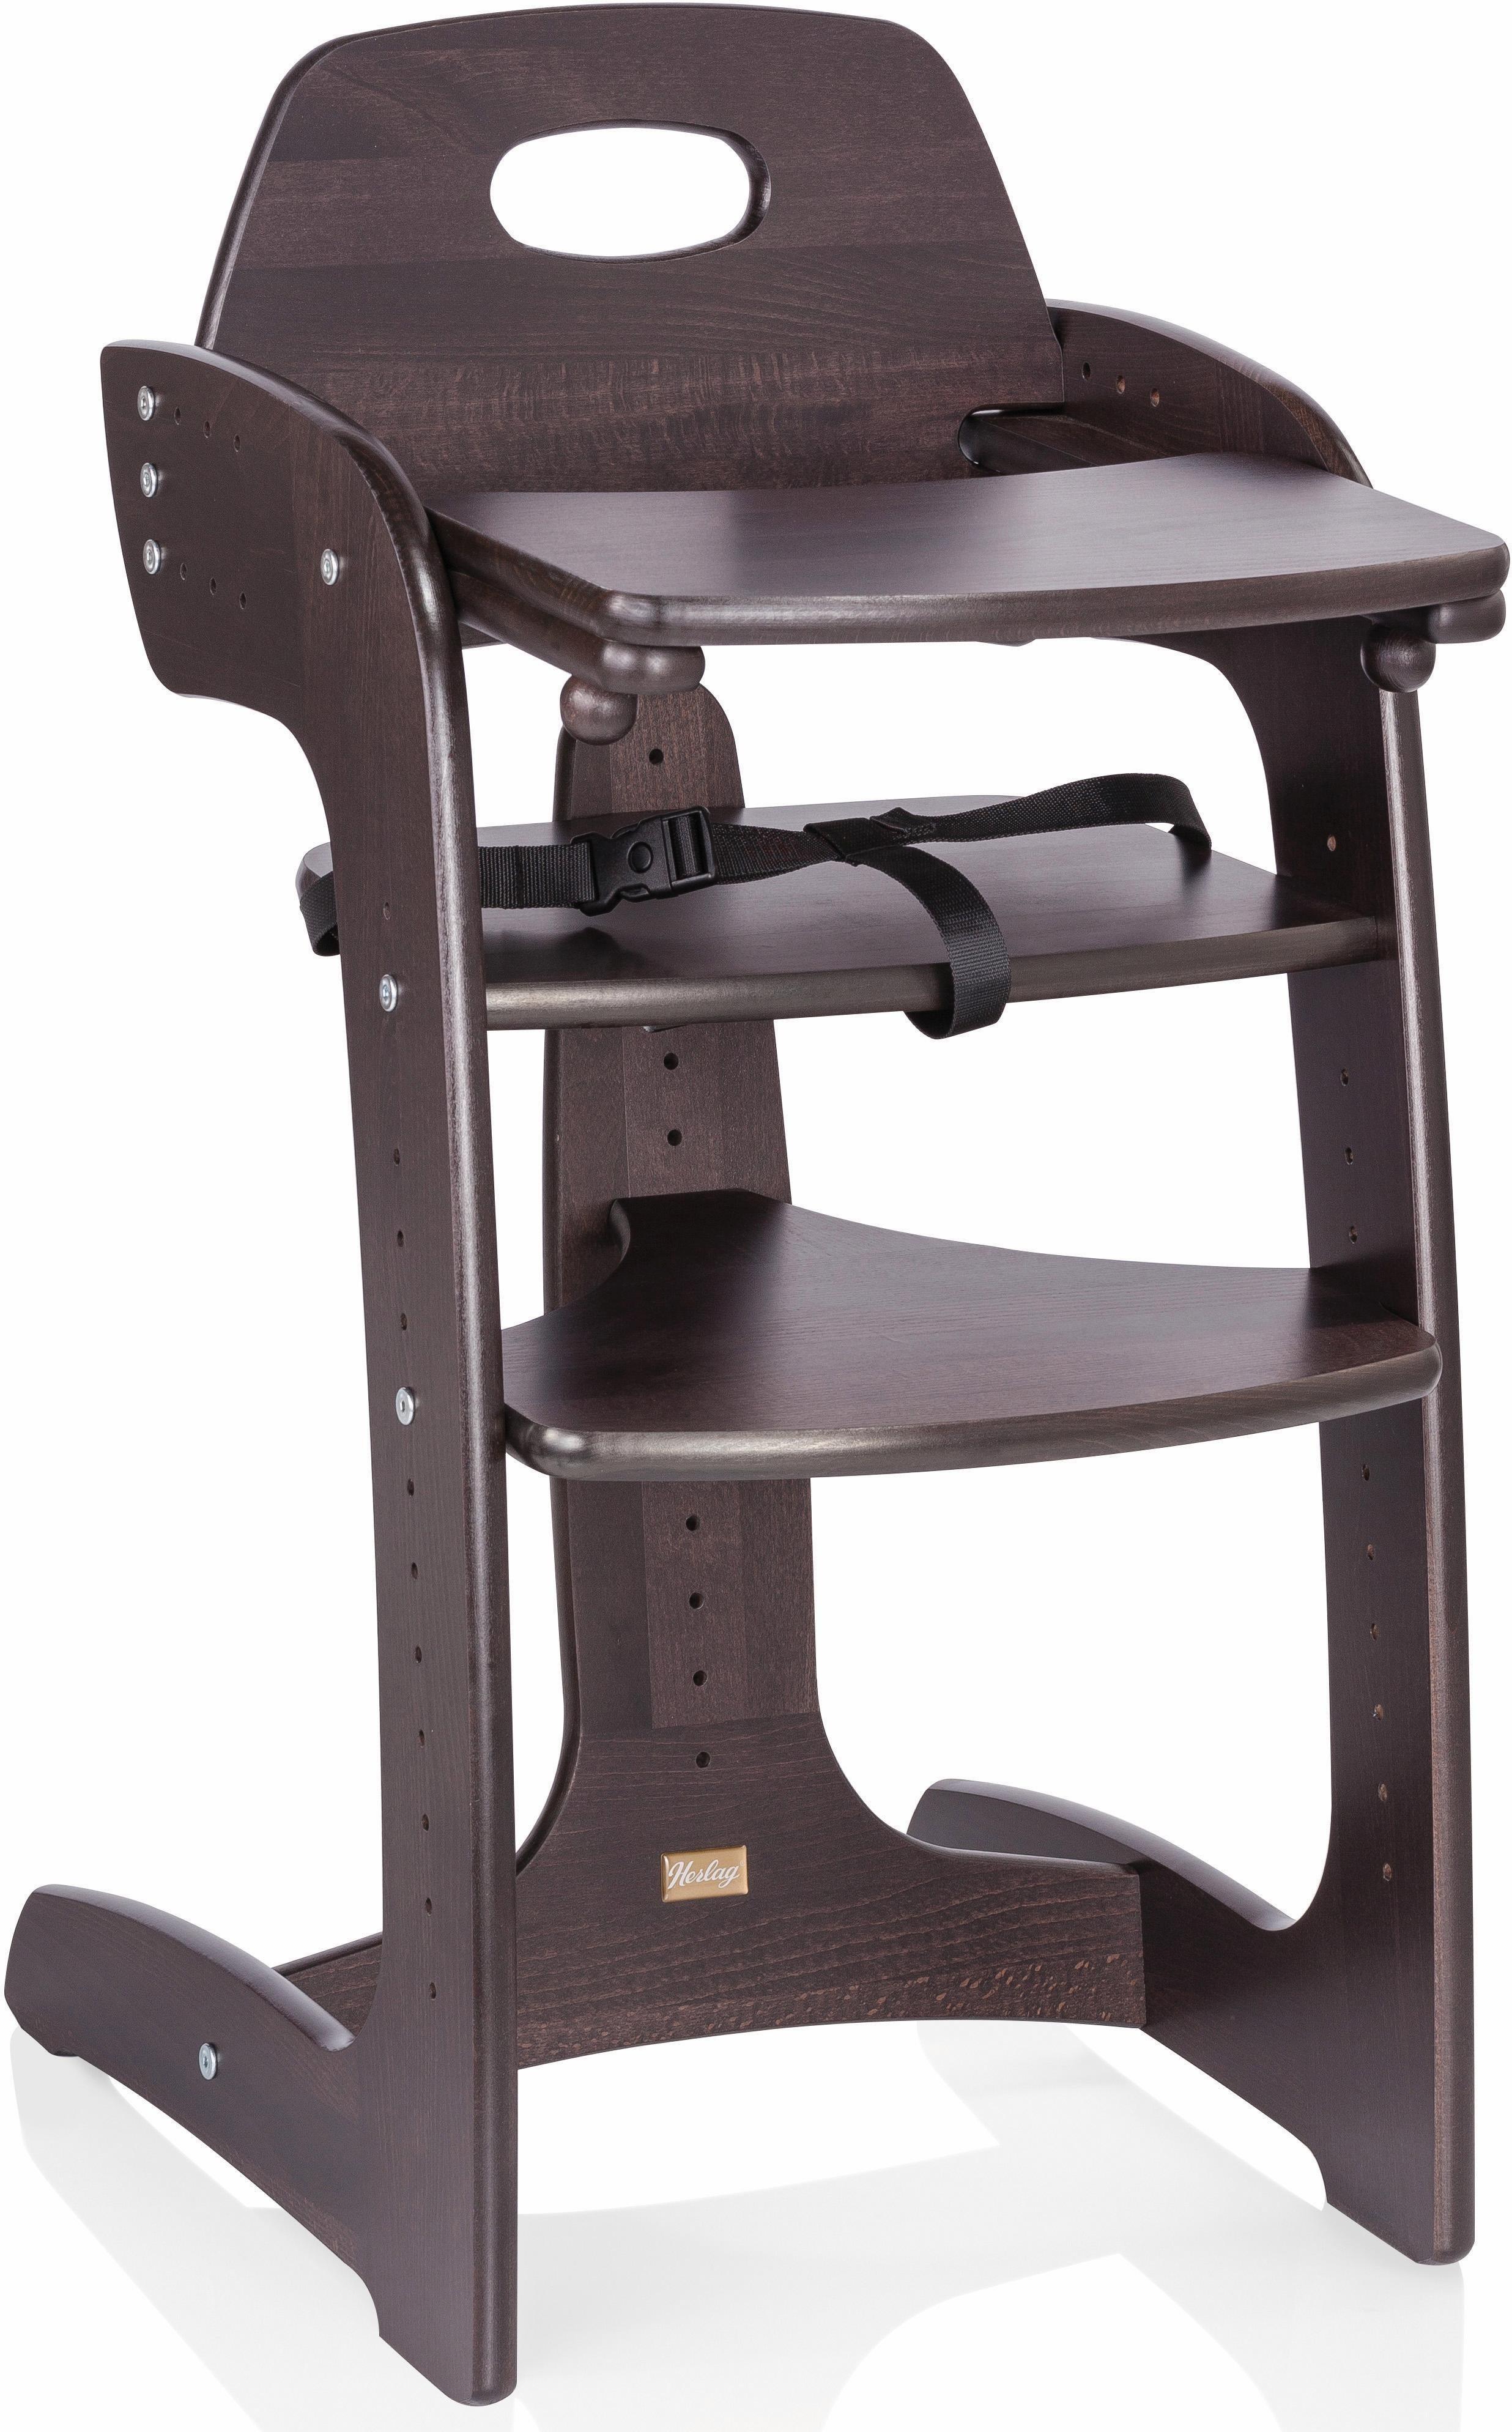 Herlag® Hochstuhl aus Holz, mit verstellb. Rückenlehne, »Tipp Topp Comfort IV, Buche massiv braun«   Kinderzimmer > Kinderzimmerstühle > Hochstühle   Herlag